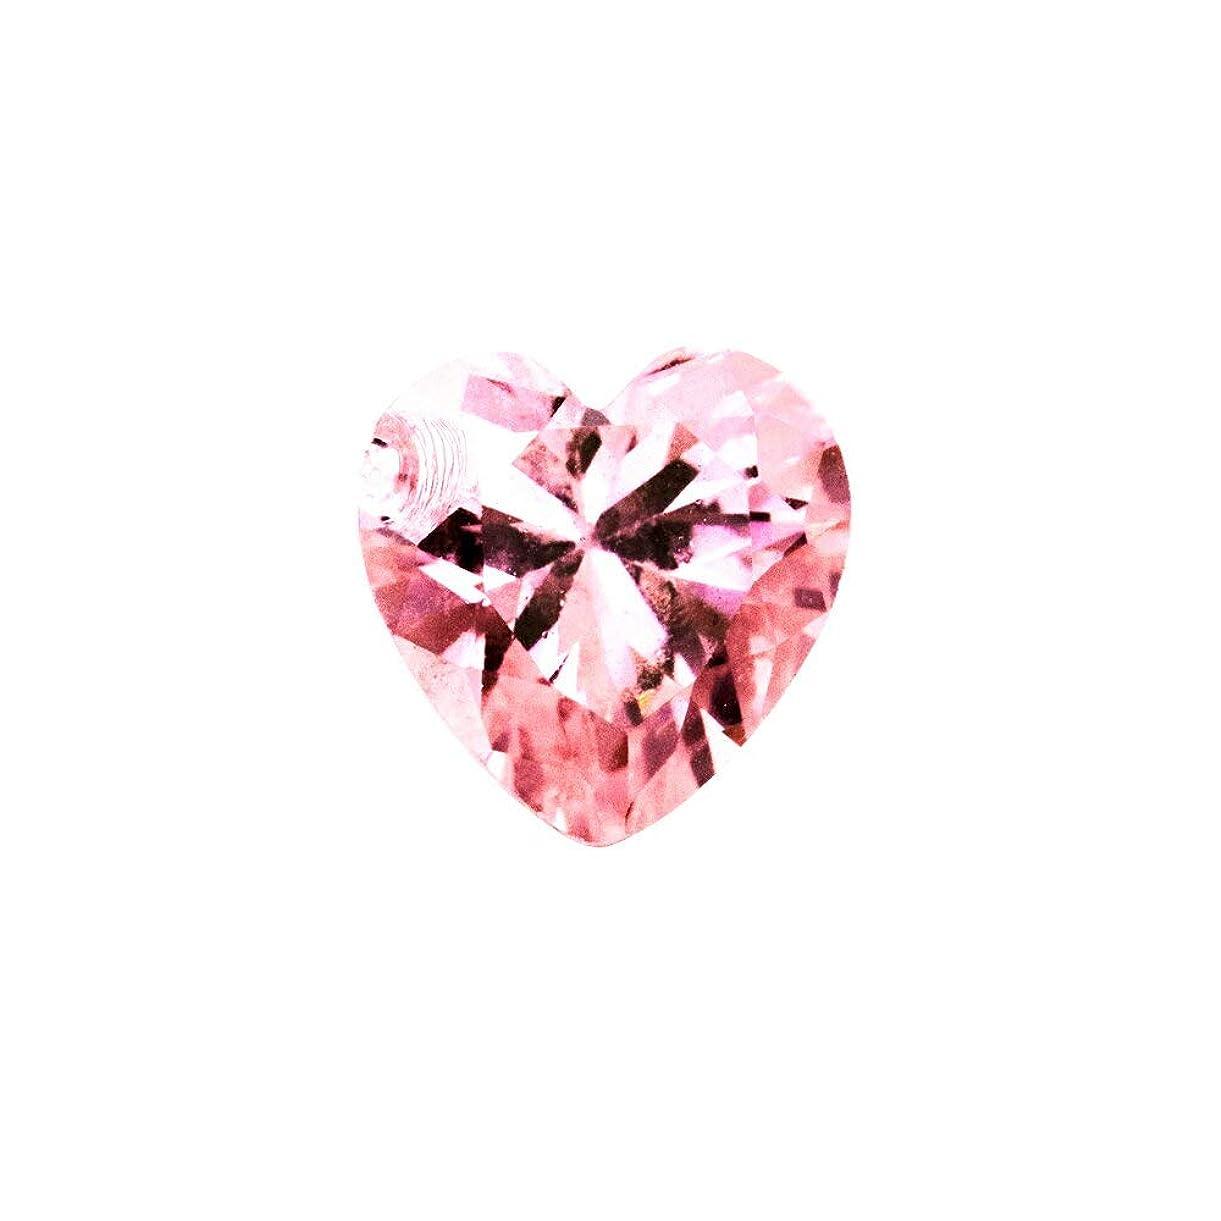 サミュエル感じ全体irogel イロジェル ラインストーン ジルコニア製 グロッシーストーン【ピンク】6mm 4個入り